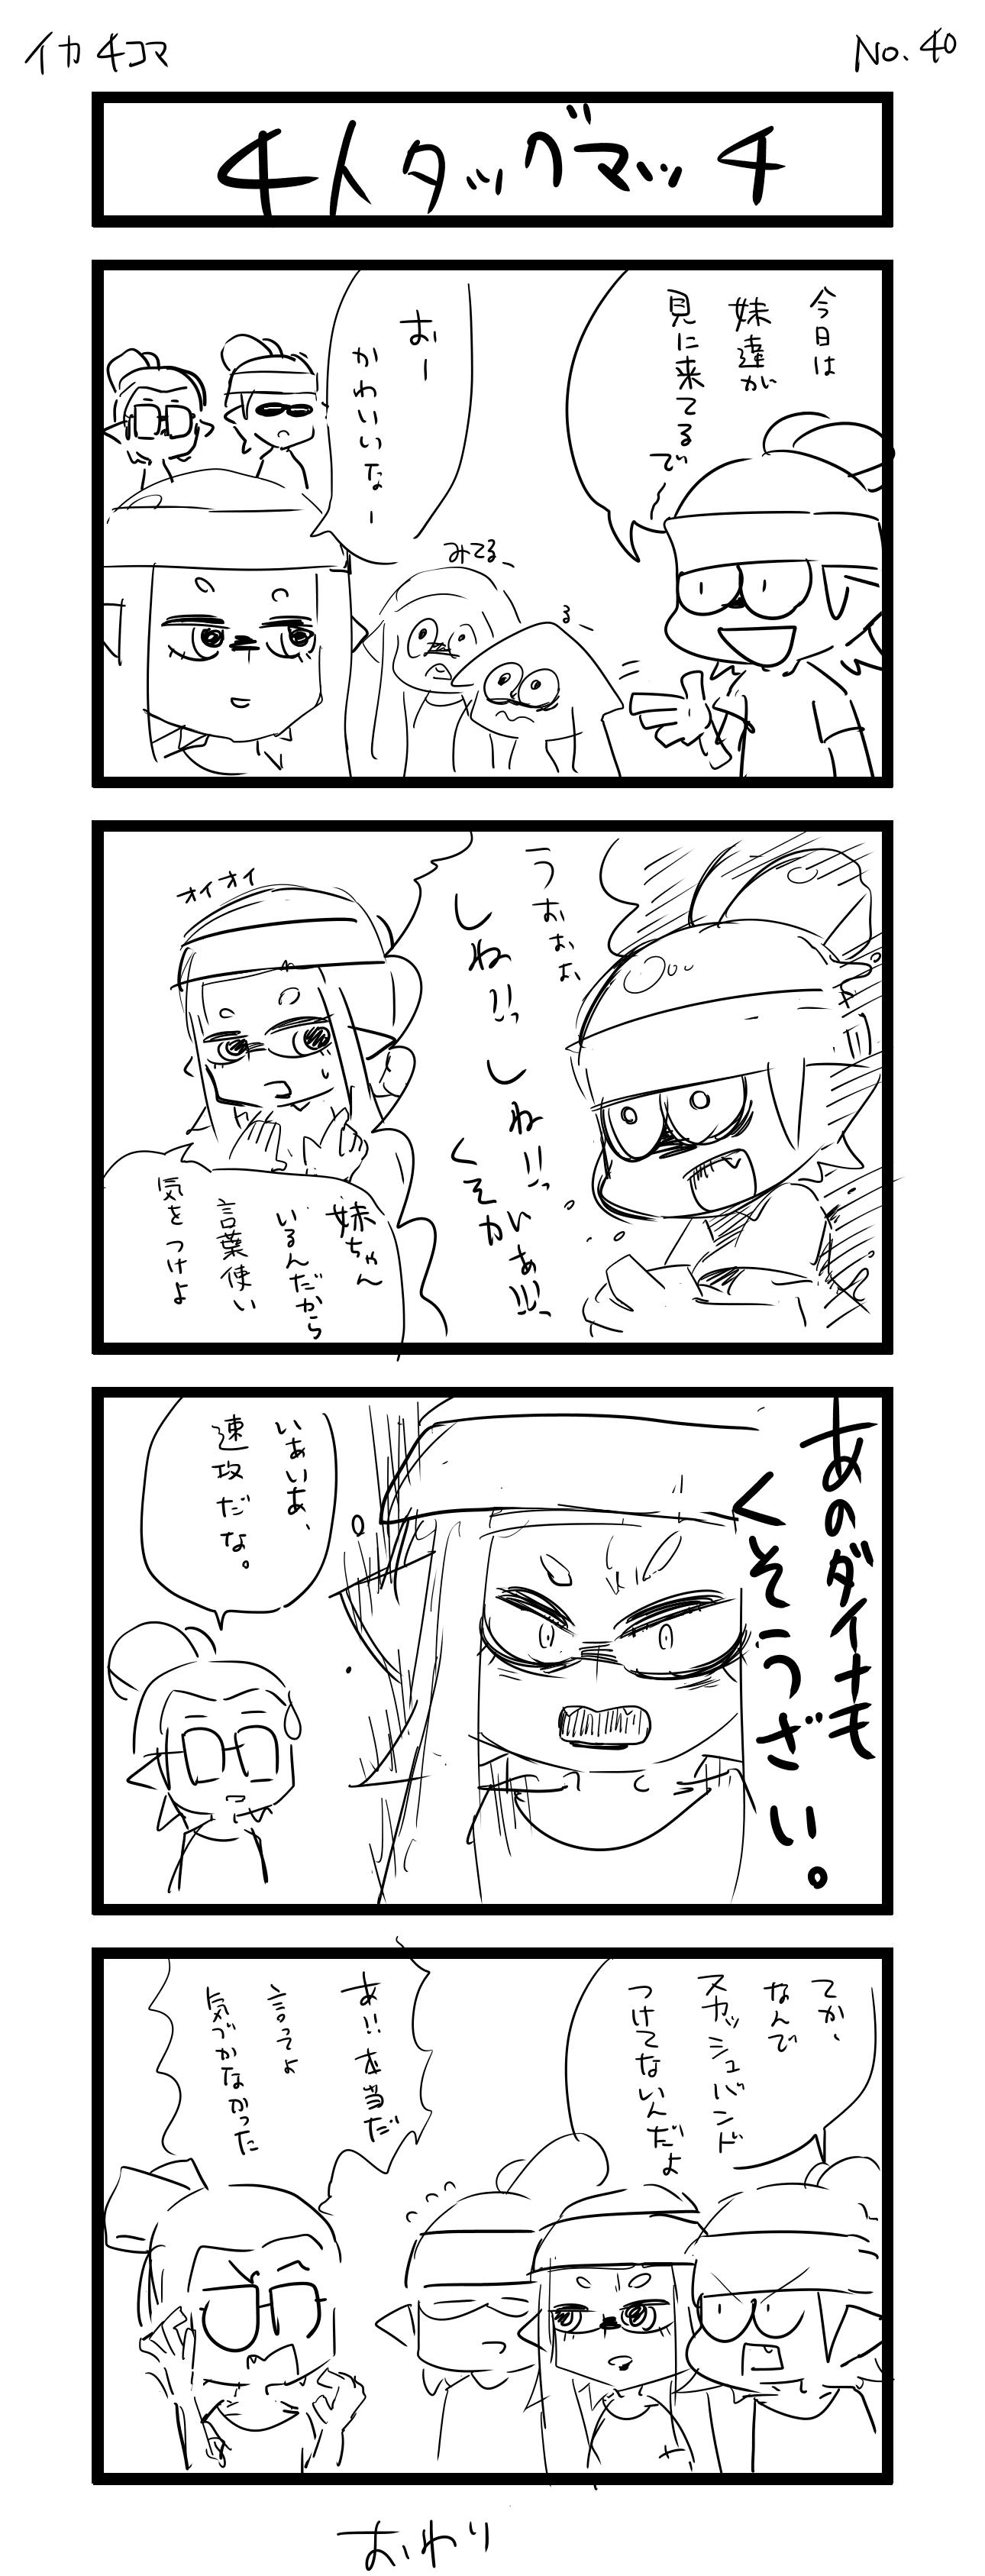 イカ4コマ 4人ダッグマッチ